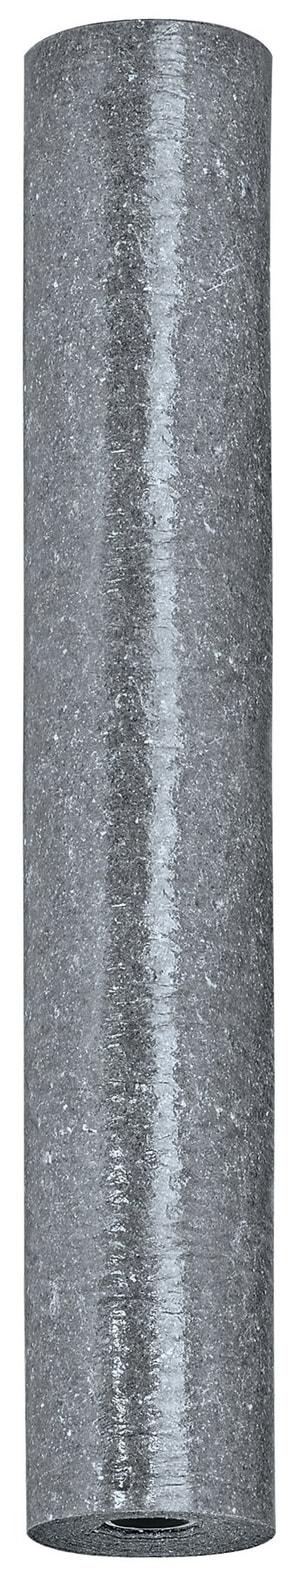 Vello assorbente 1m x 10m, multicolor